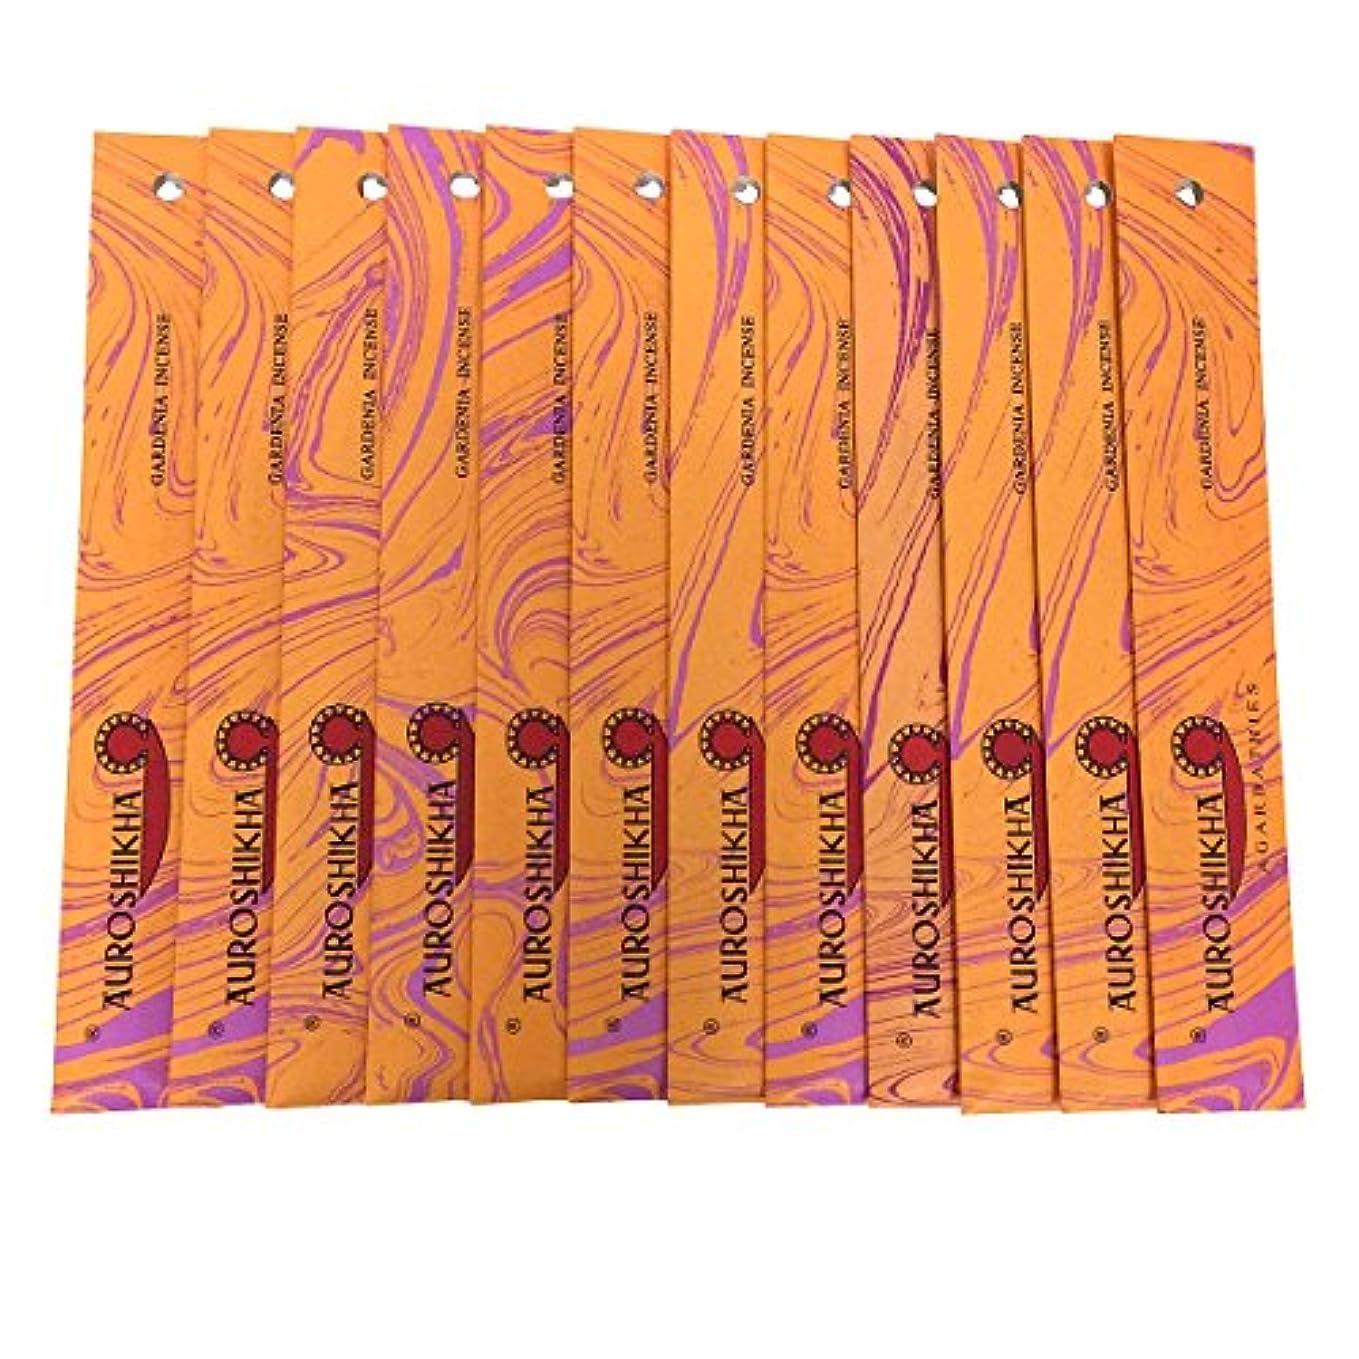 材料アリーナ編集するAUROSHIKHA オウロシカ(GARDENIAガーデニア12個セット) マーブルパッケージスティック 送料無料